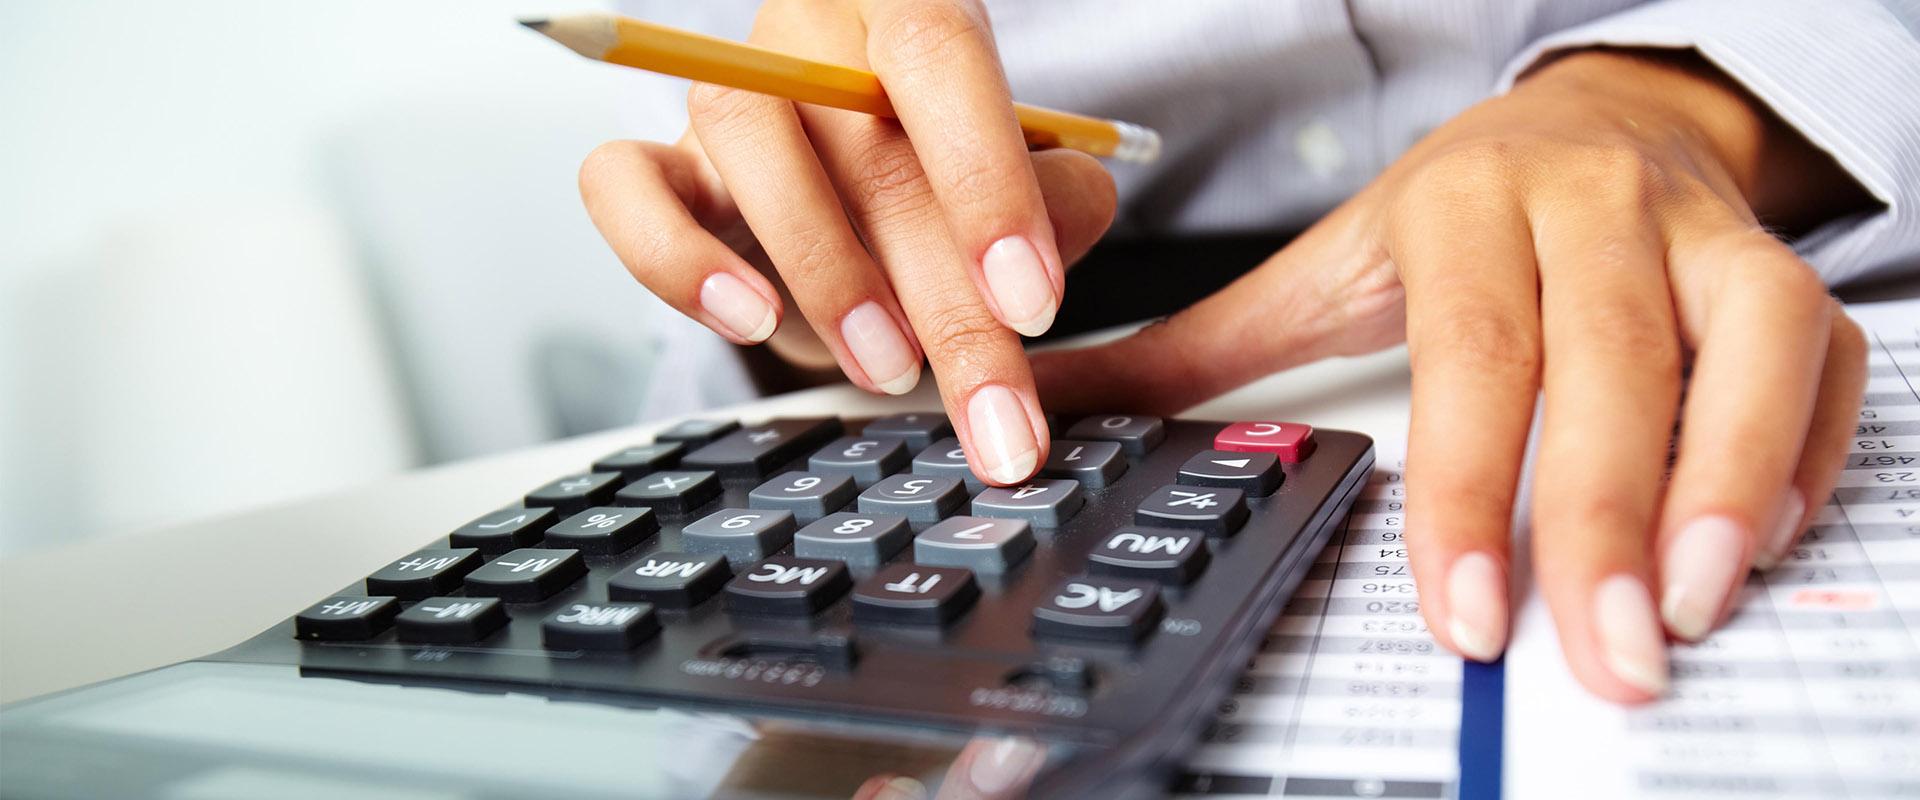 Ведение бухгалтерского учета для юридических лиц